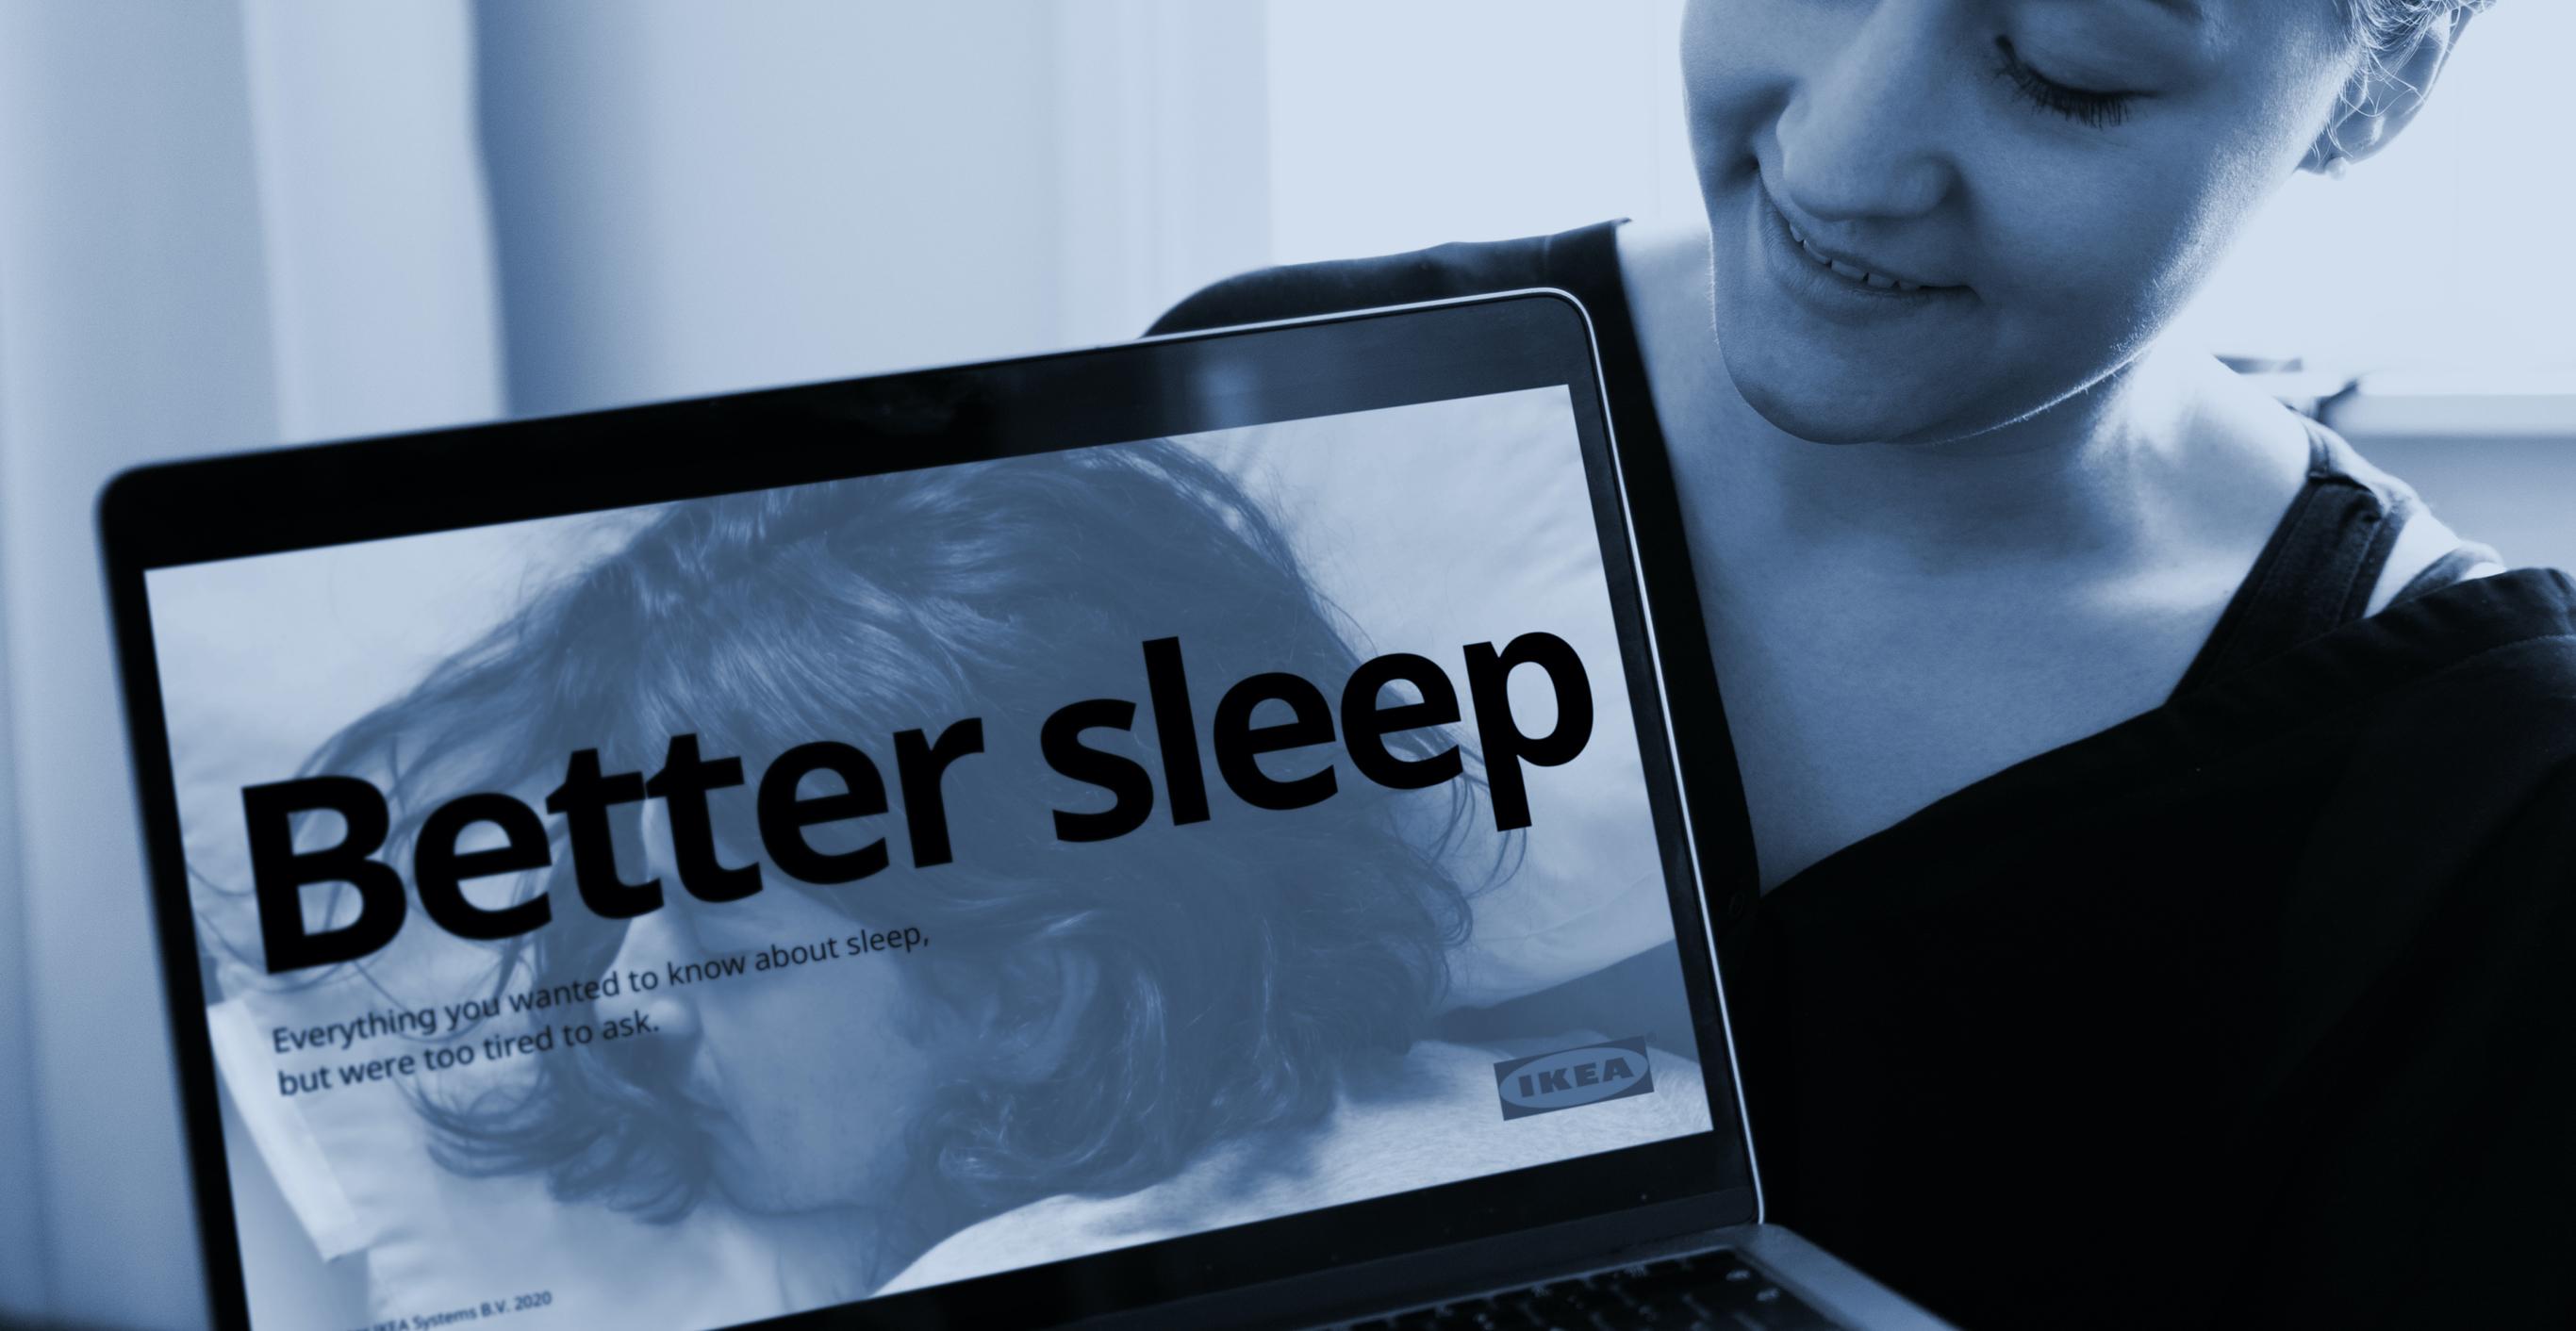 better_sleep_1